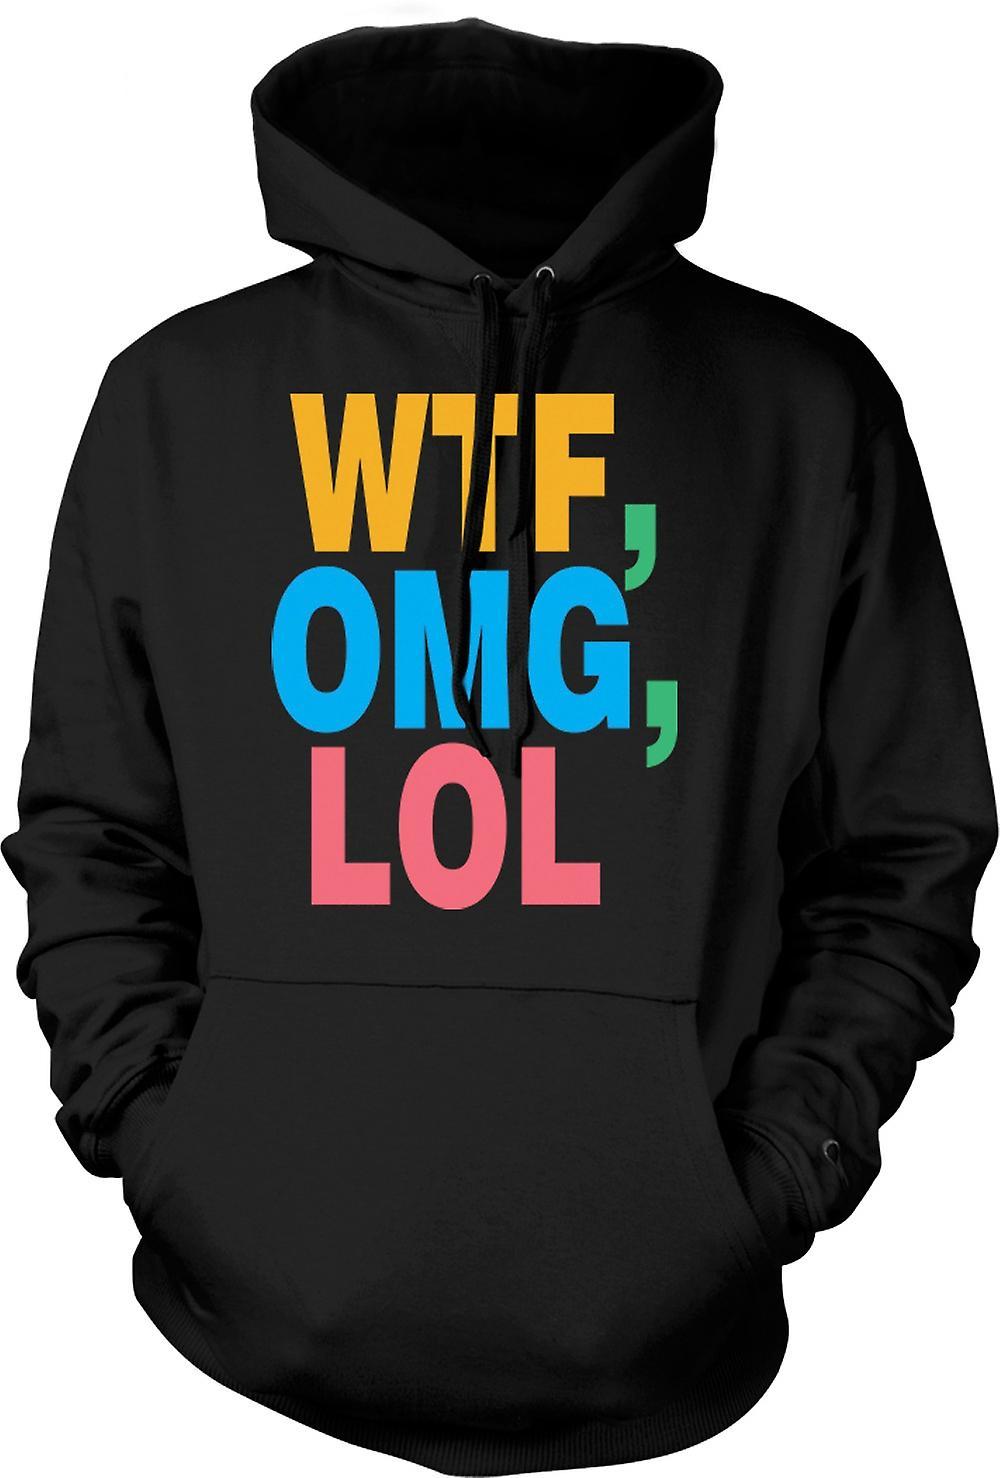 Mens Hoodie - WTF, OMG, LOL - Funny